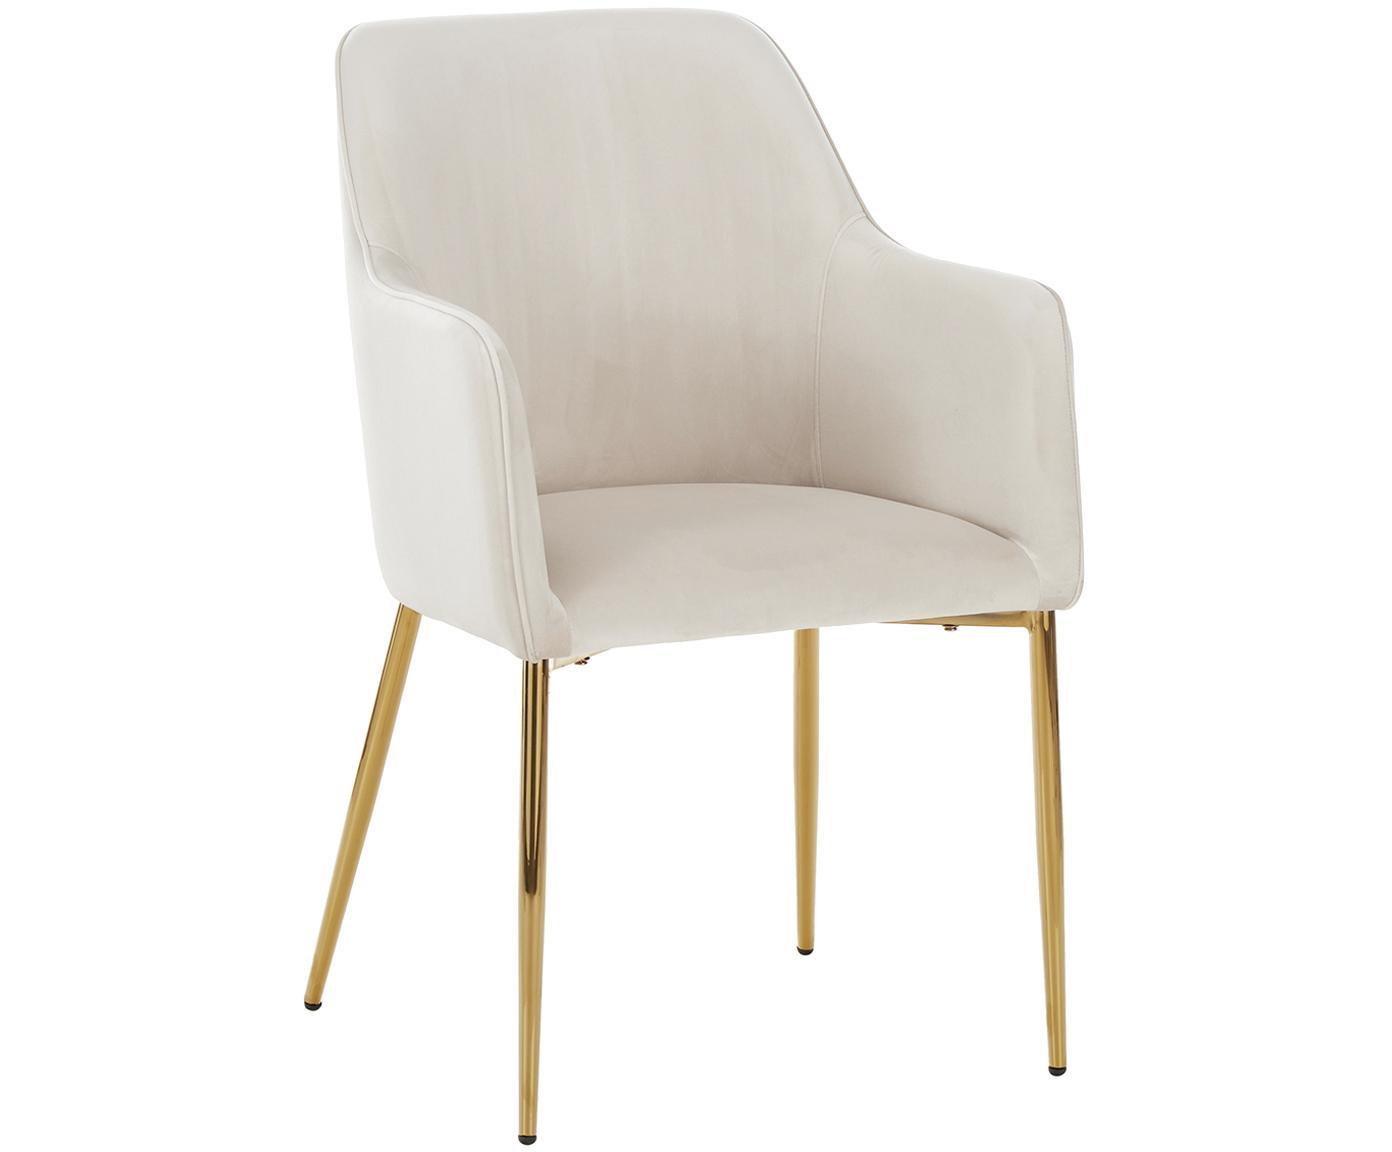 Sedia con braccioli in velluto con gambe dorate Ava, Rivestimento: velluto (100% poliestere), Gambe: metallo zincato, Velluto beige, gambe oro, Larg. 57 x Prof. 63 cm